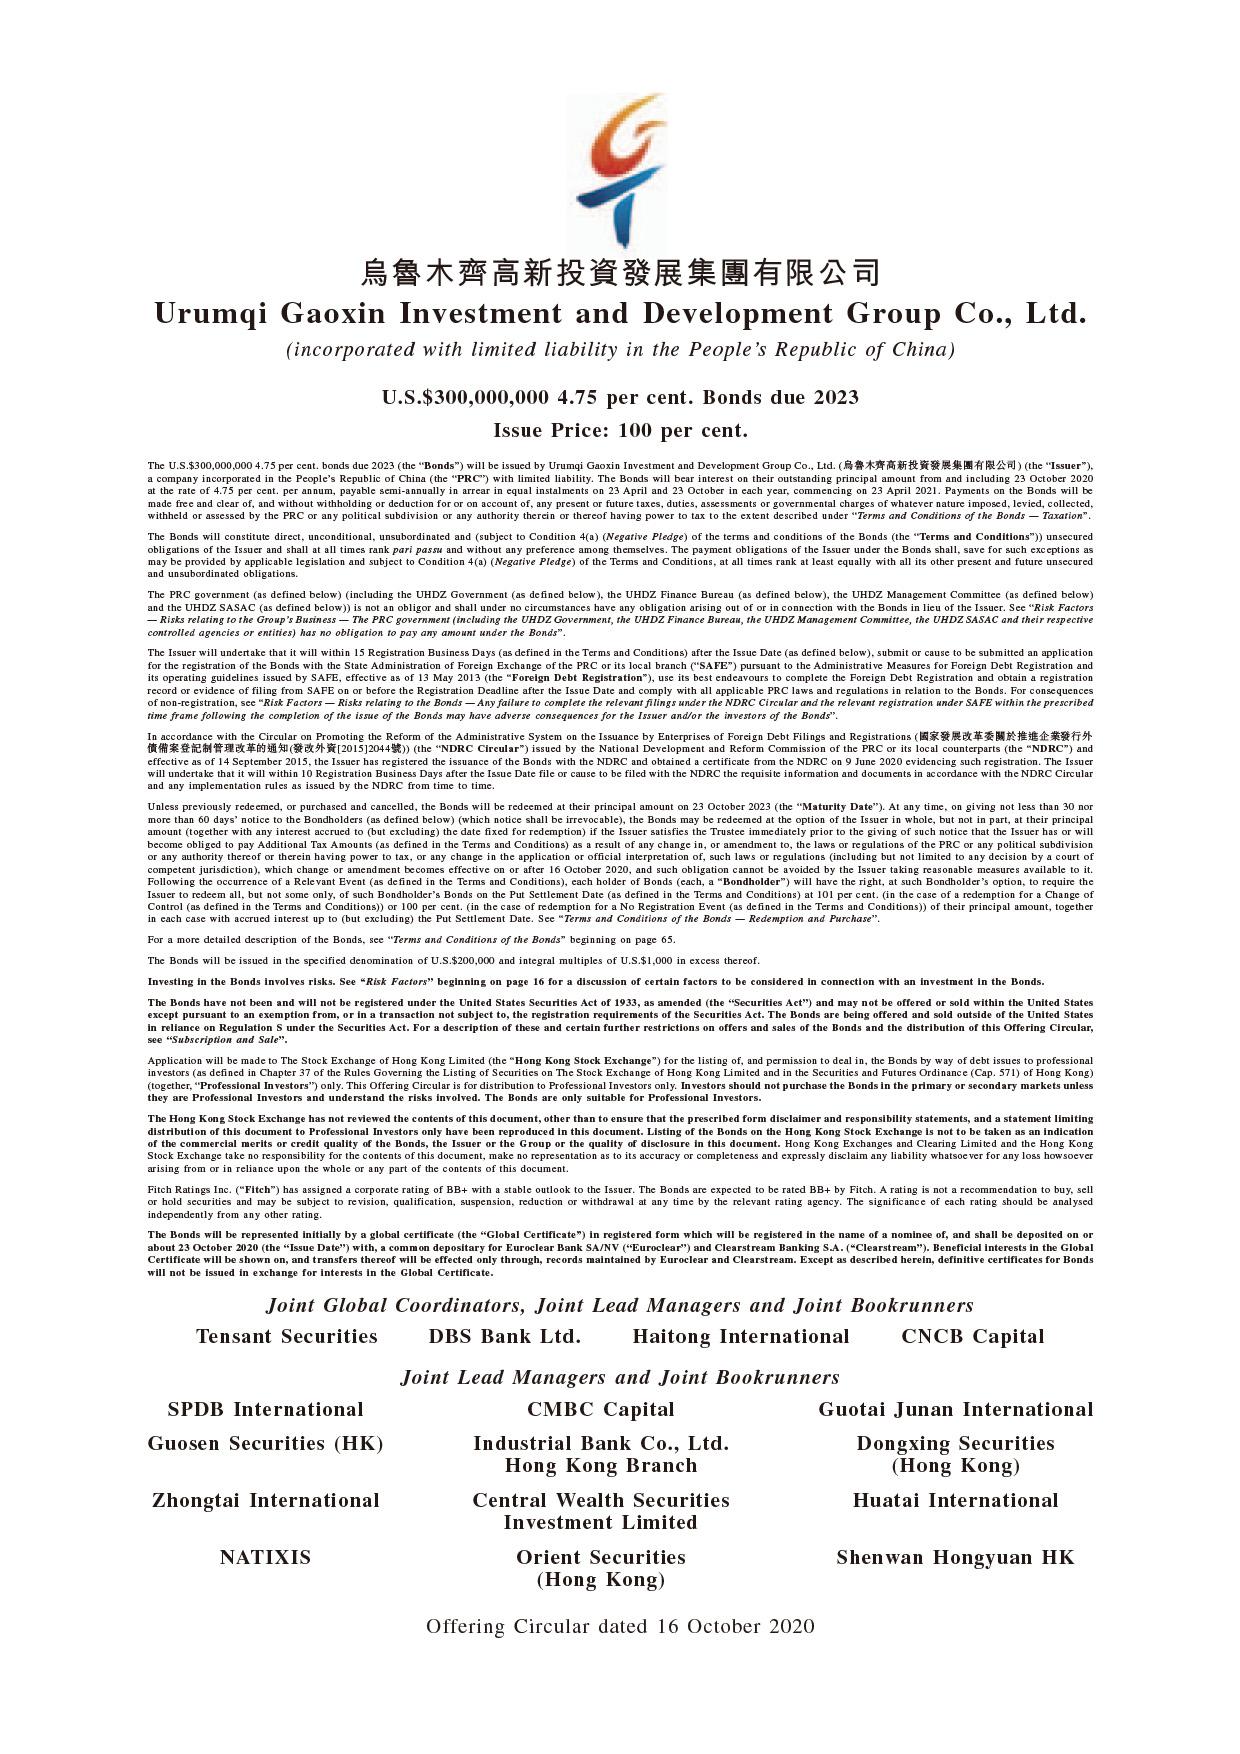 烏魯木齊高新投資發展集團有限公司